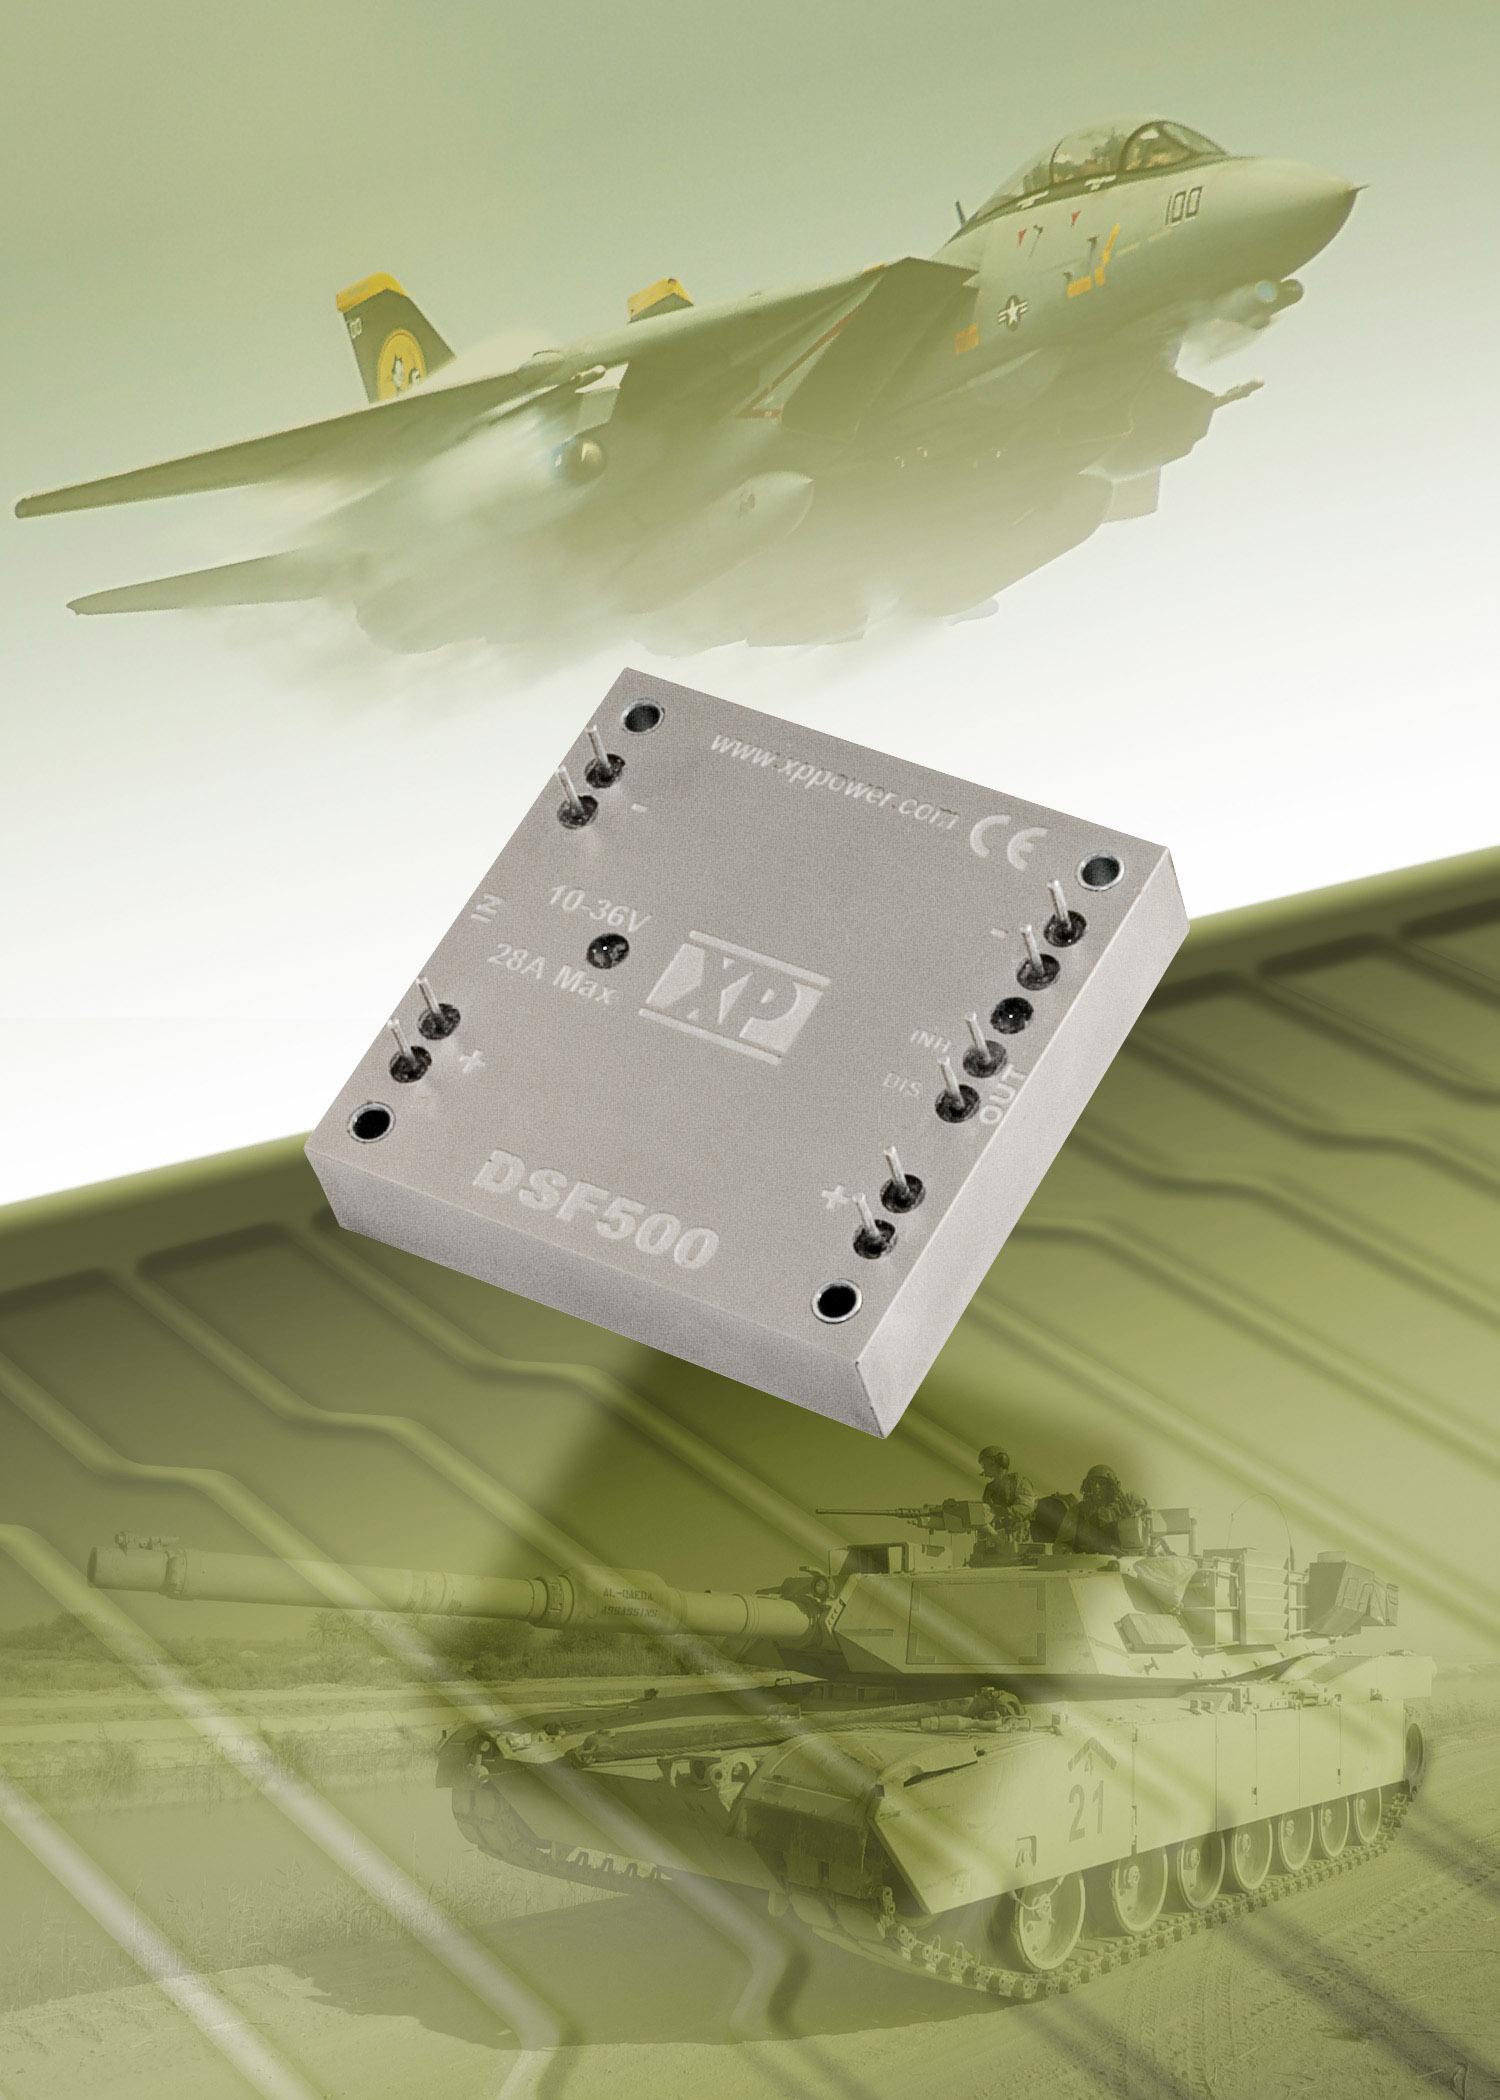 Активный помехоподавляющий фильтр обеспечивает защиту DC/DC-преобразователей в соответствии с требованиями MIL-STD-1275A без применения дополнительных компонентов